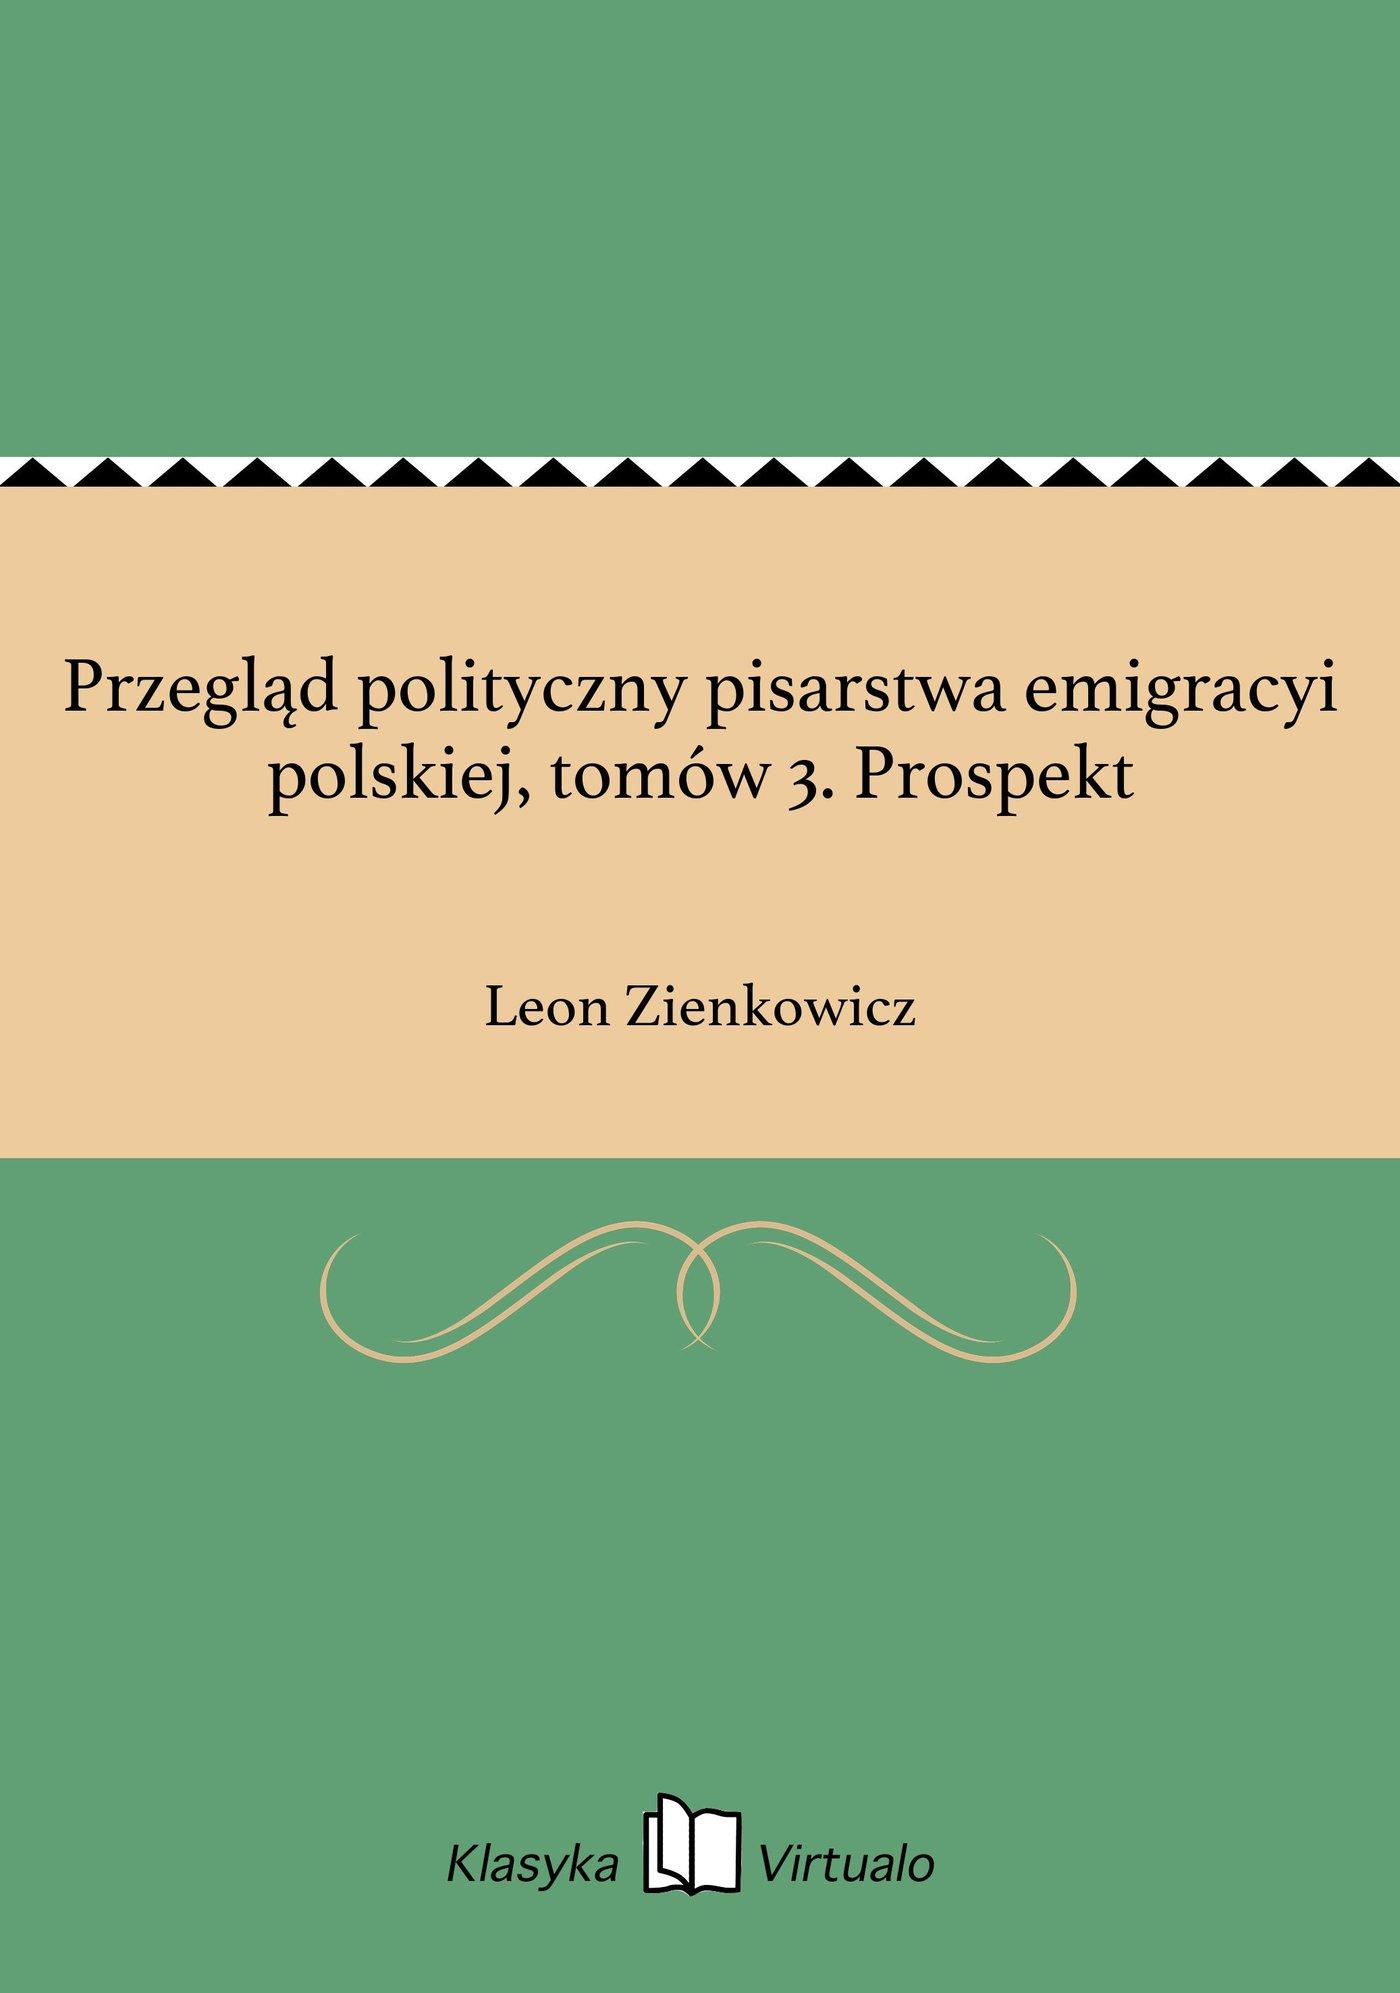 Przegląd polityczny pisarstwa emigracyi polskiej, tomów 3. Prospekt - Ebook (Książka EPUB) do pobrania w formacie EPUB